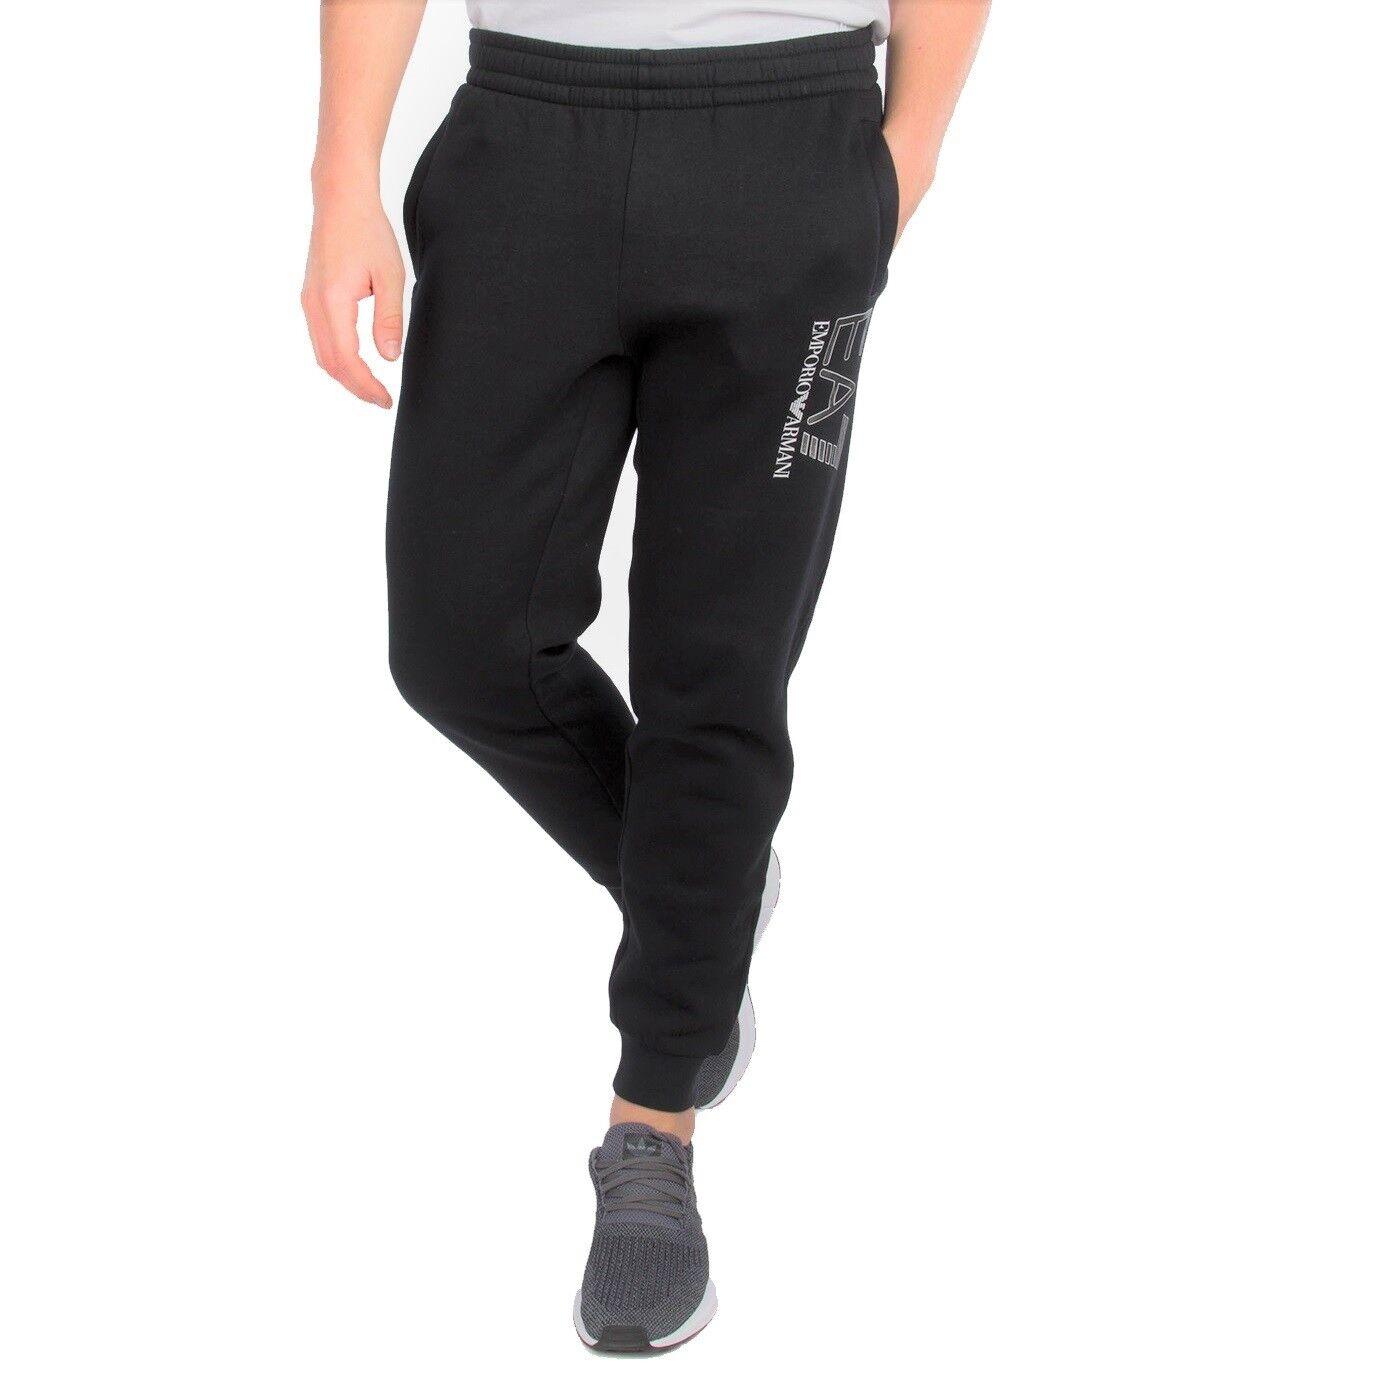 EMPORIO ARMANI EA7 pantalone tuta uomo abbigliamento sport blu 6YPP98 PJ07Z 1578